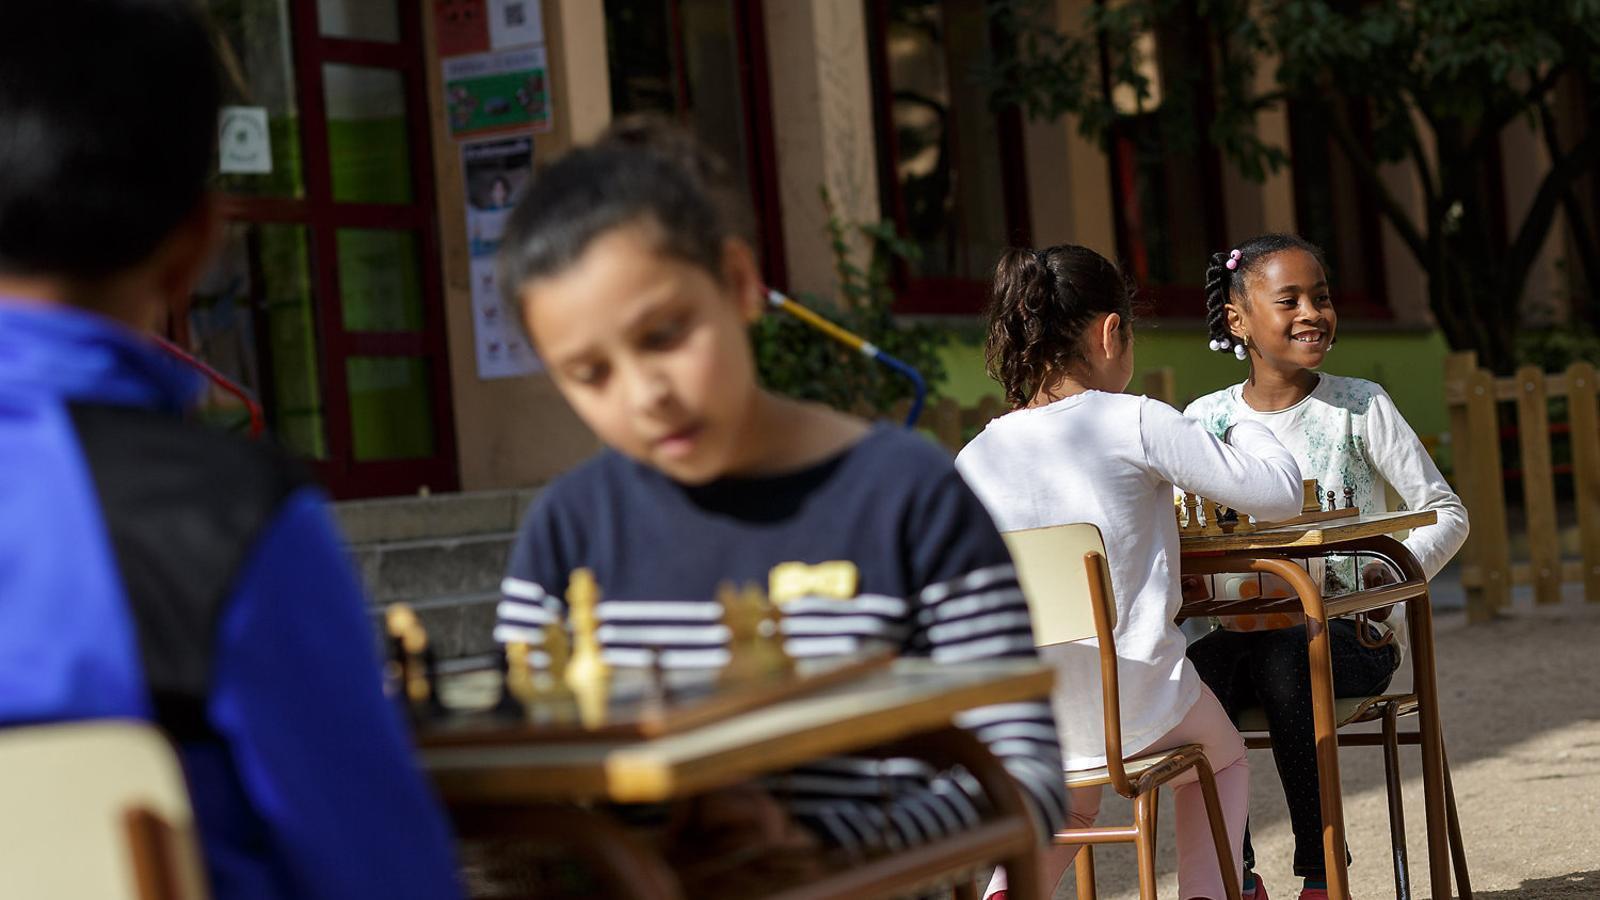 L'escola Àgora, al barri Sant Narcís de Girona / DAVID BORRAT